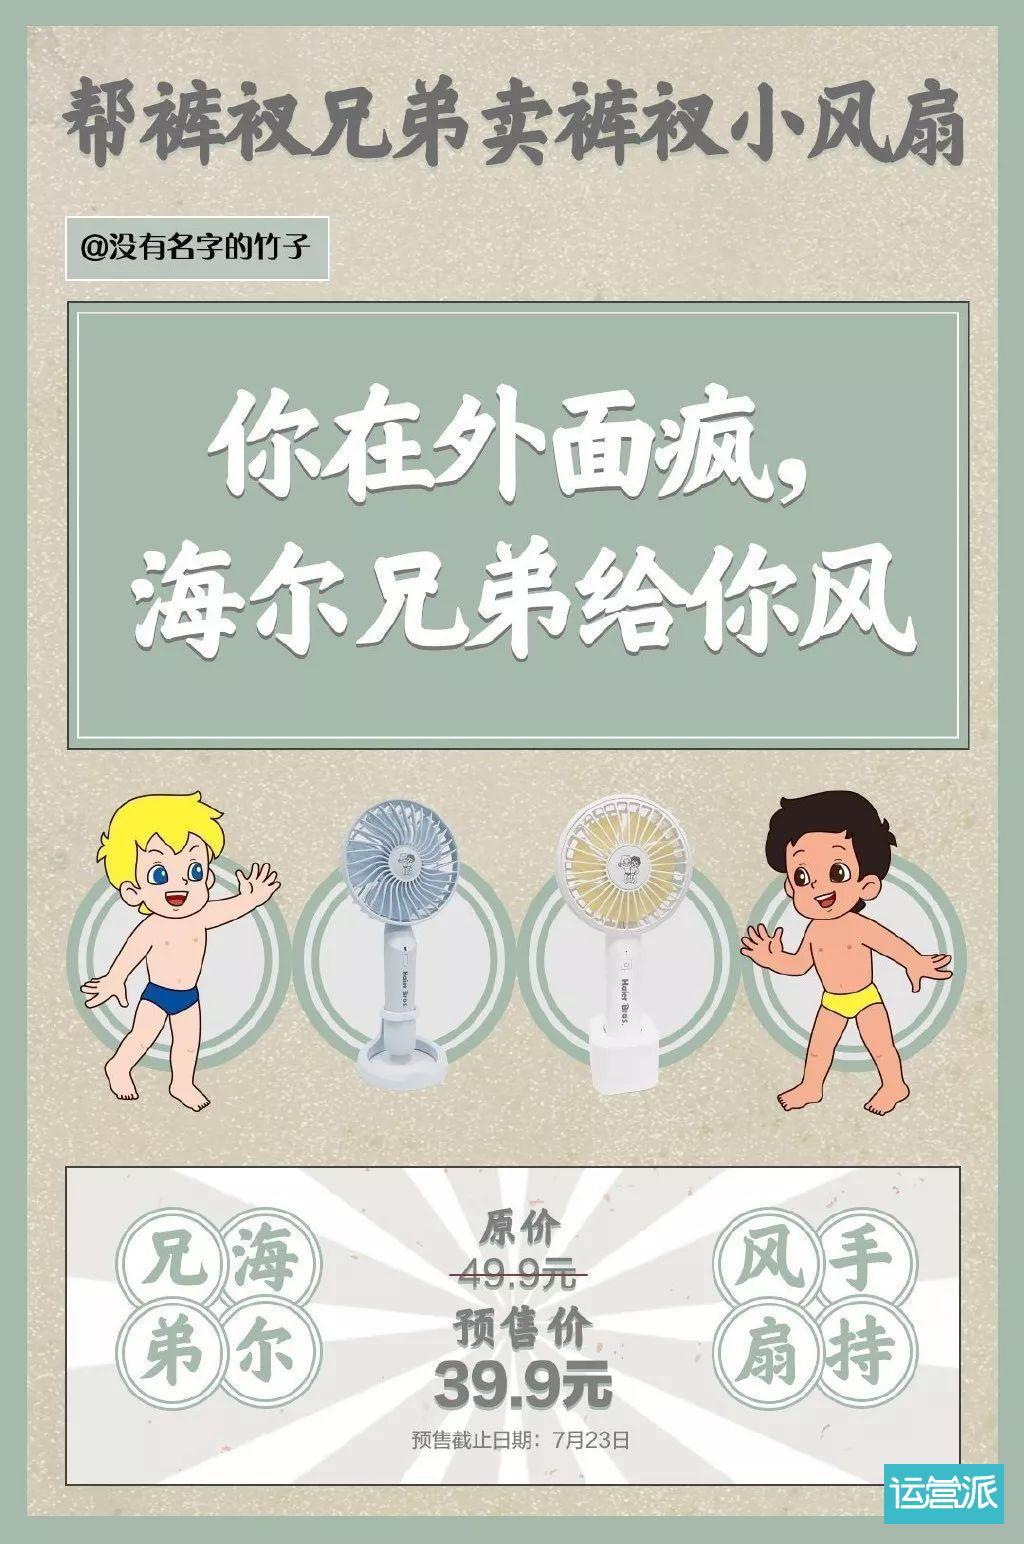 """海尔兄弟卖""""裤衩风扇""""!为何品牌都爱玩""""梗营销""""?"""